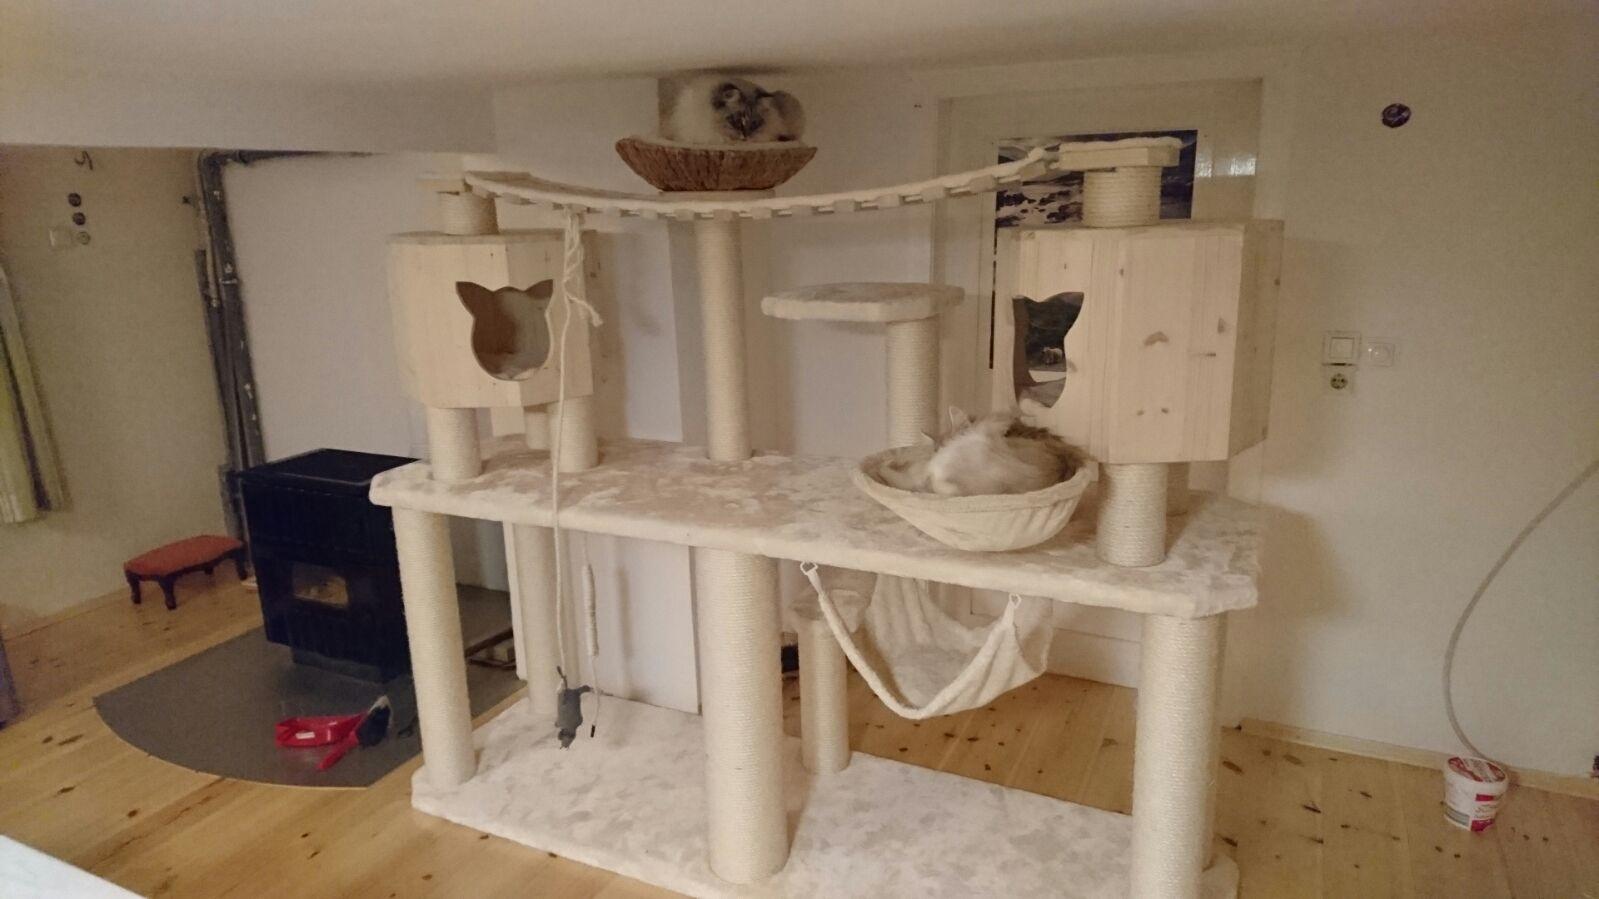 ikea sisal teppich katze designer mobel katzenbesitzer. Black Bedroom Furniture Sets. Home Design Ideas